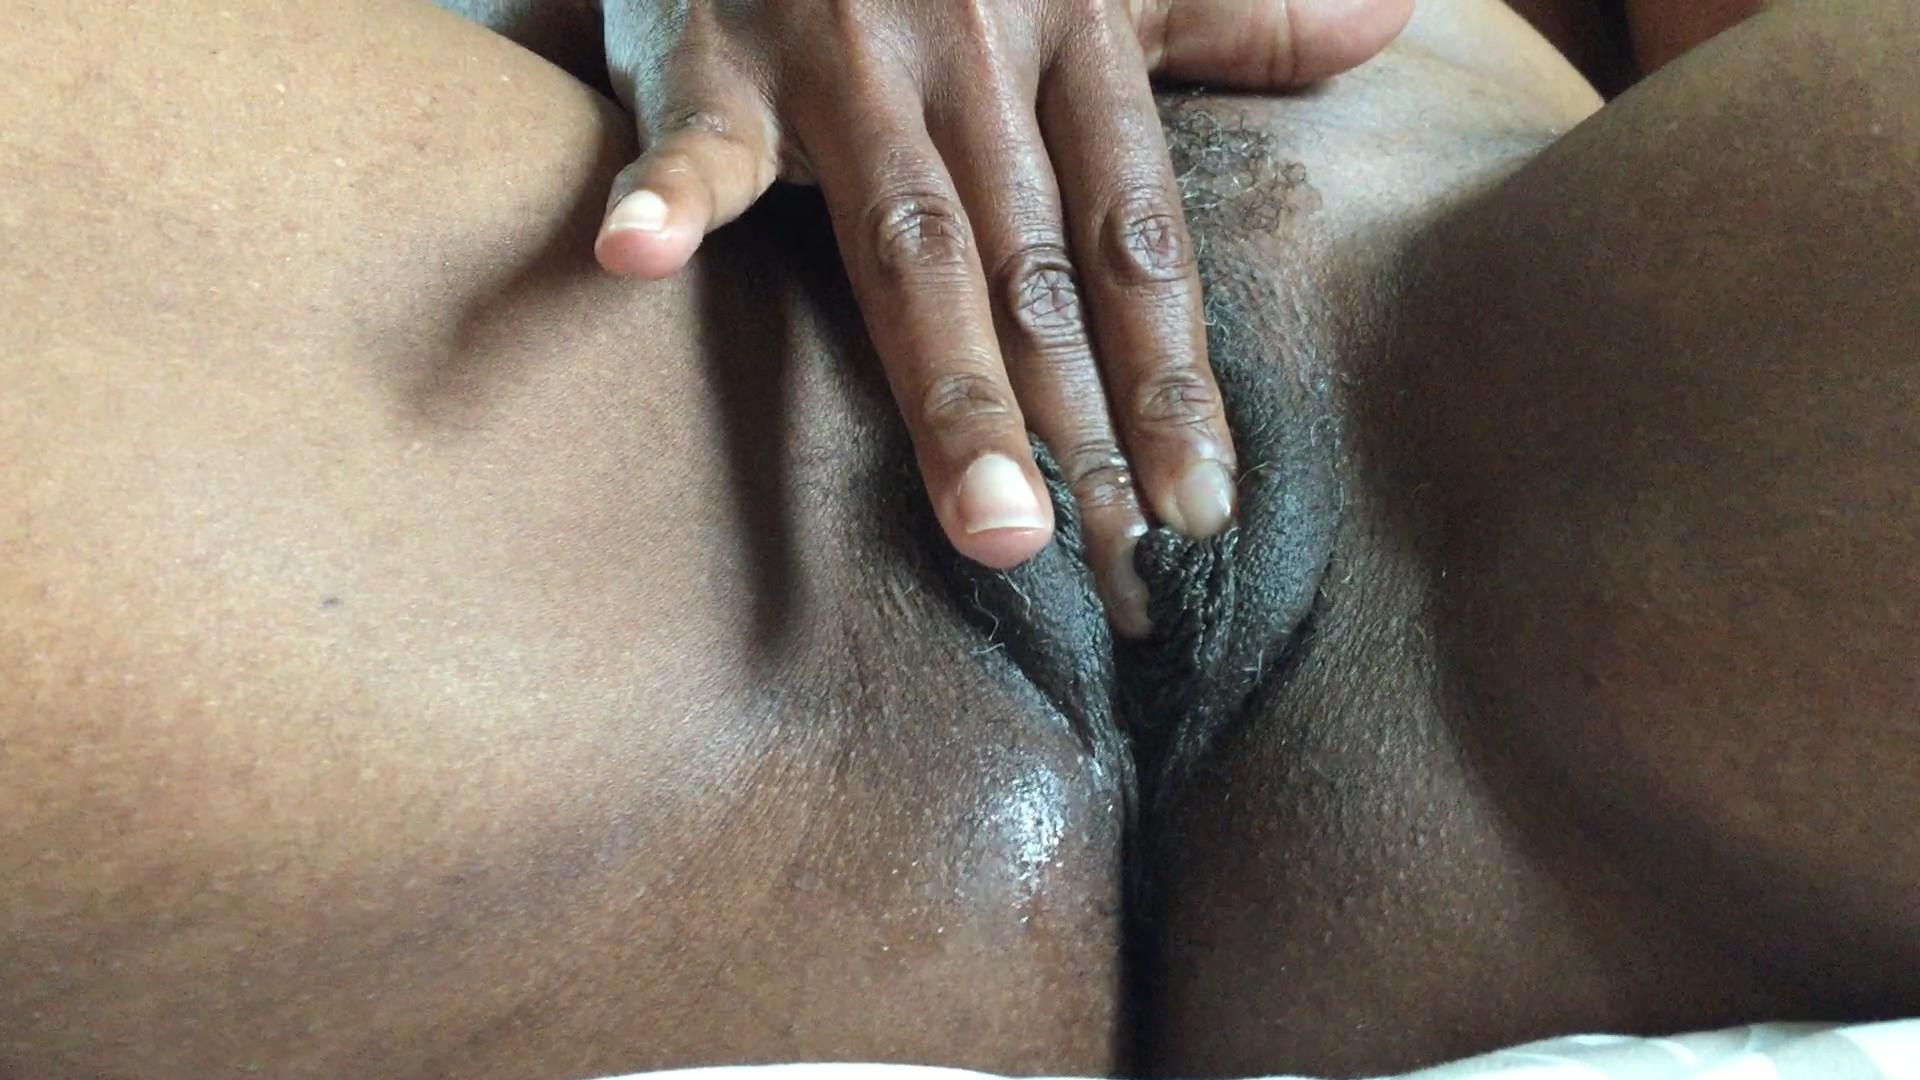 Негритянка ласкает себя пальчиком — 3